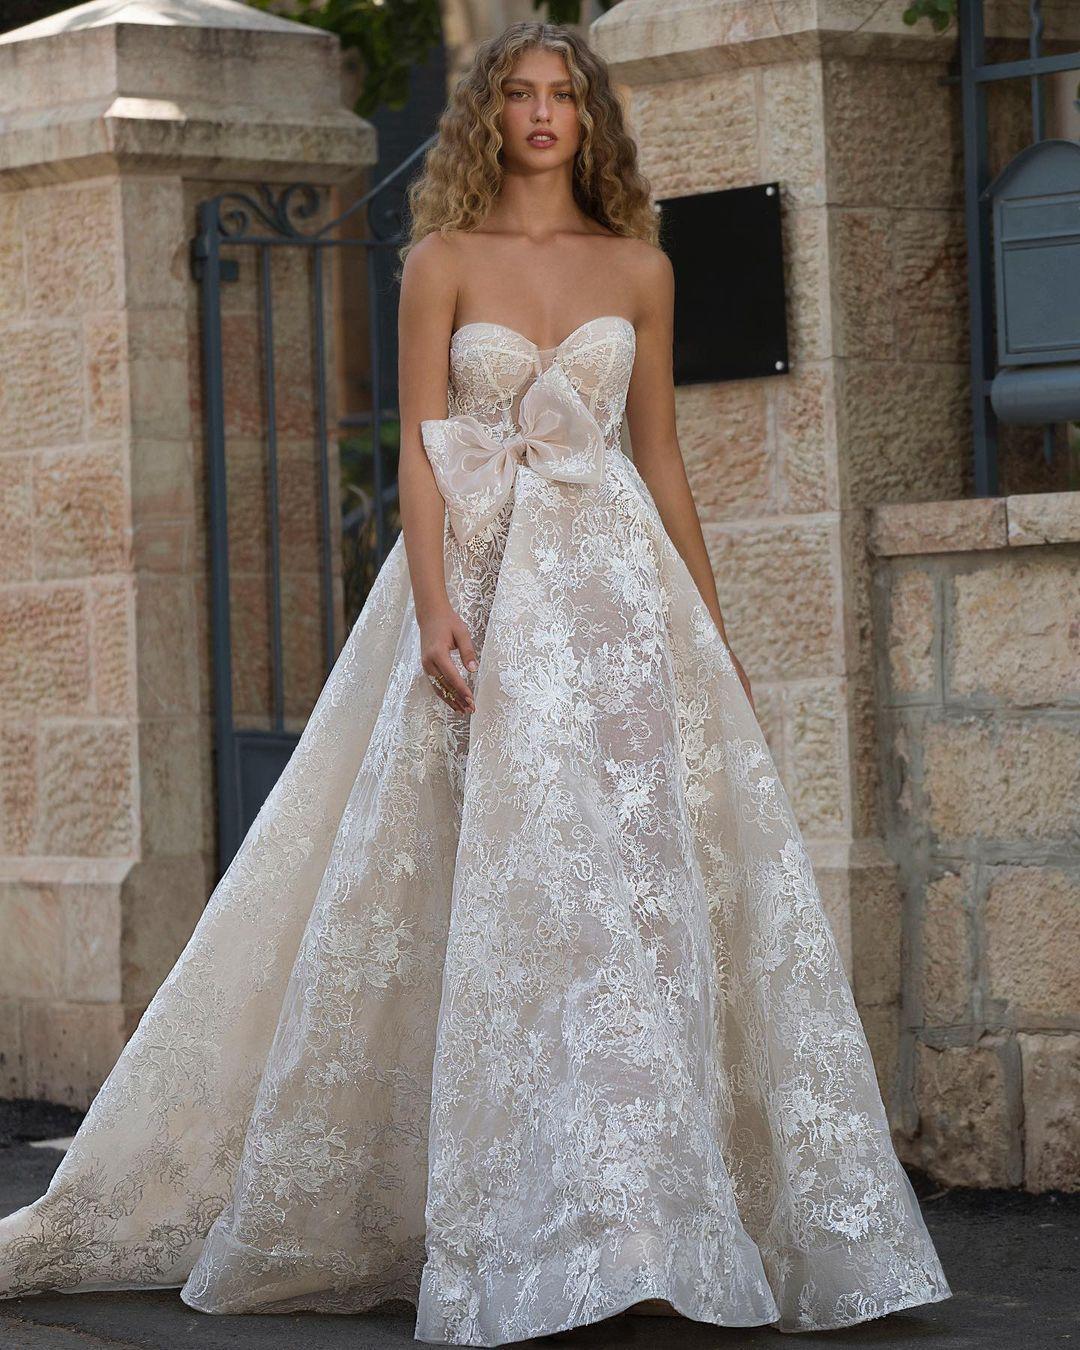 Elegant Boho Wedding Dresses 2021 Sweetheart Lace Applique Undefined Beach Bridal Gowns Robe De Soirée De Mariage